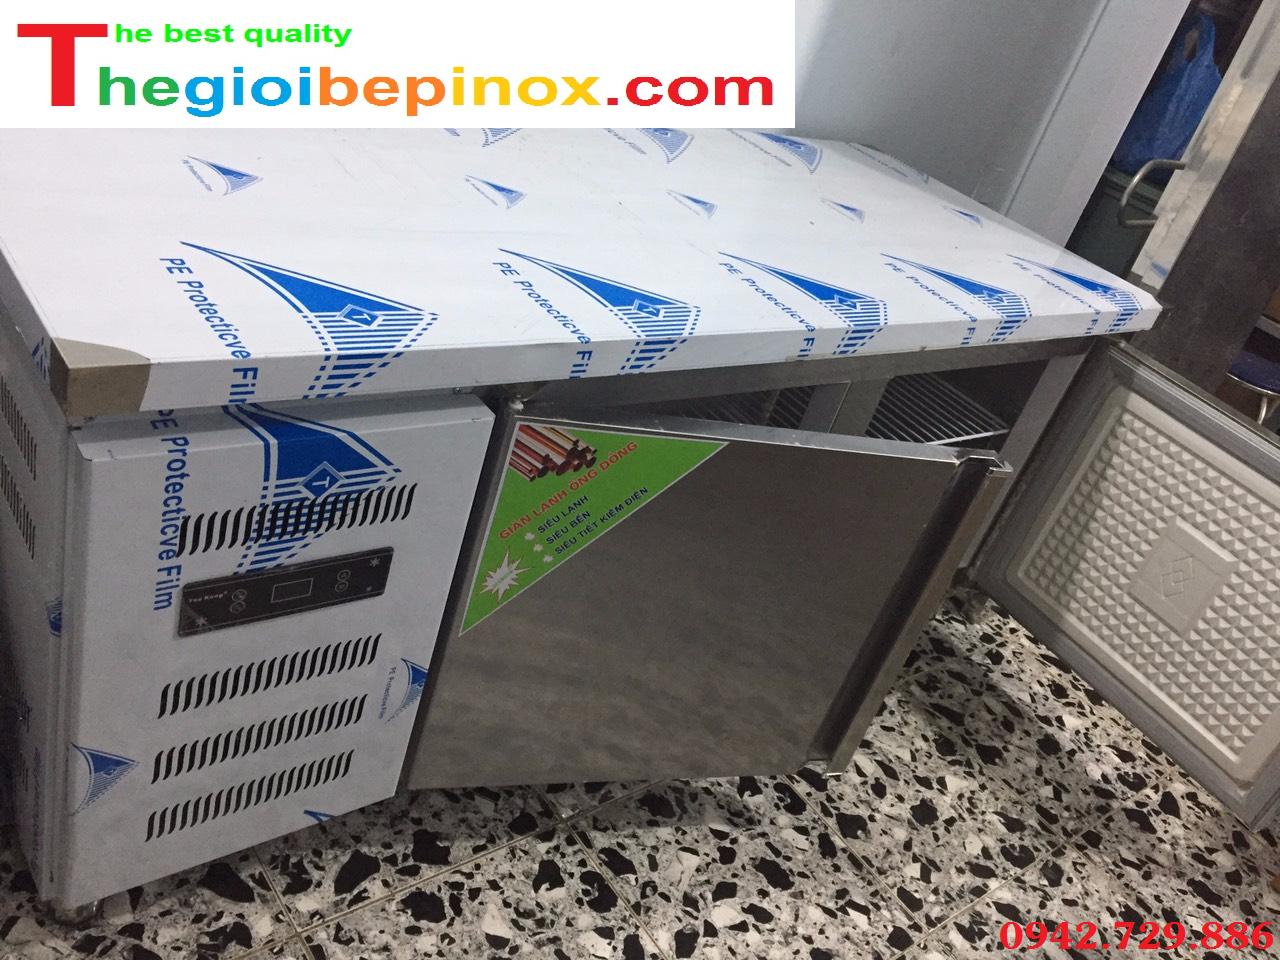 Giá bán bàn mát 2 cánh Inox cho nhà hàng, quán ăn tại Hà Nội